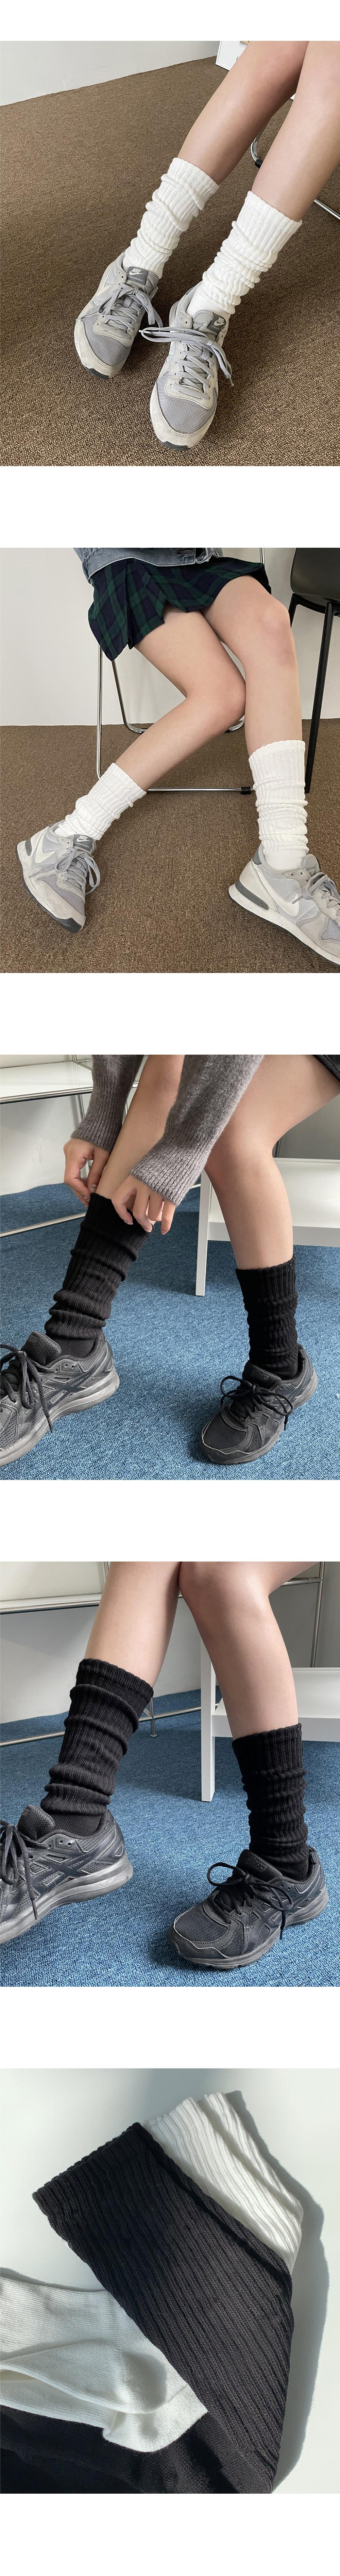 Creamy Knitwear Pleated Warmer Socks Socks